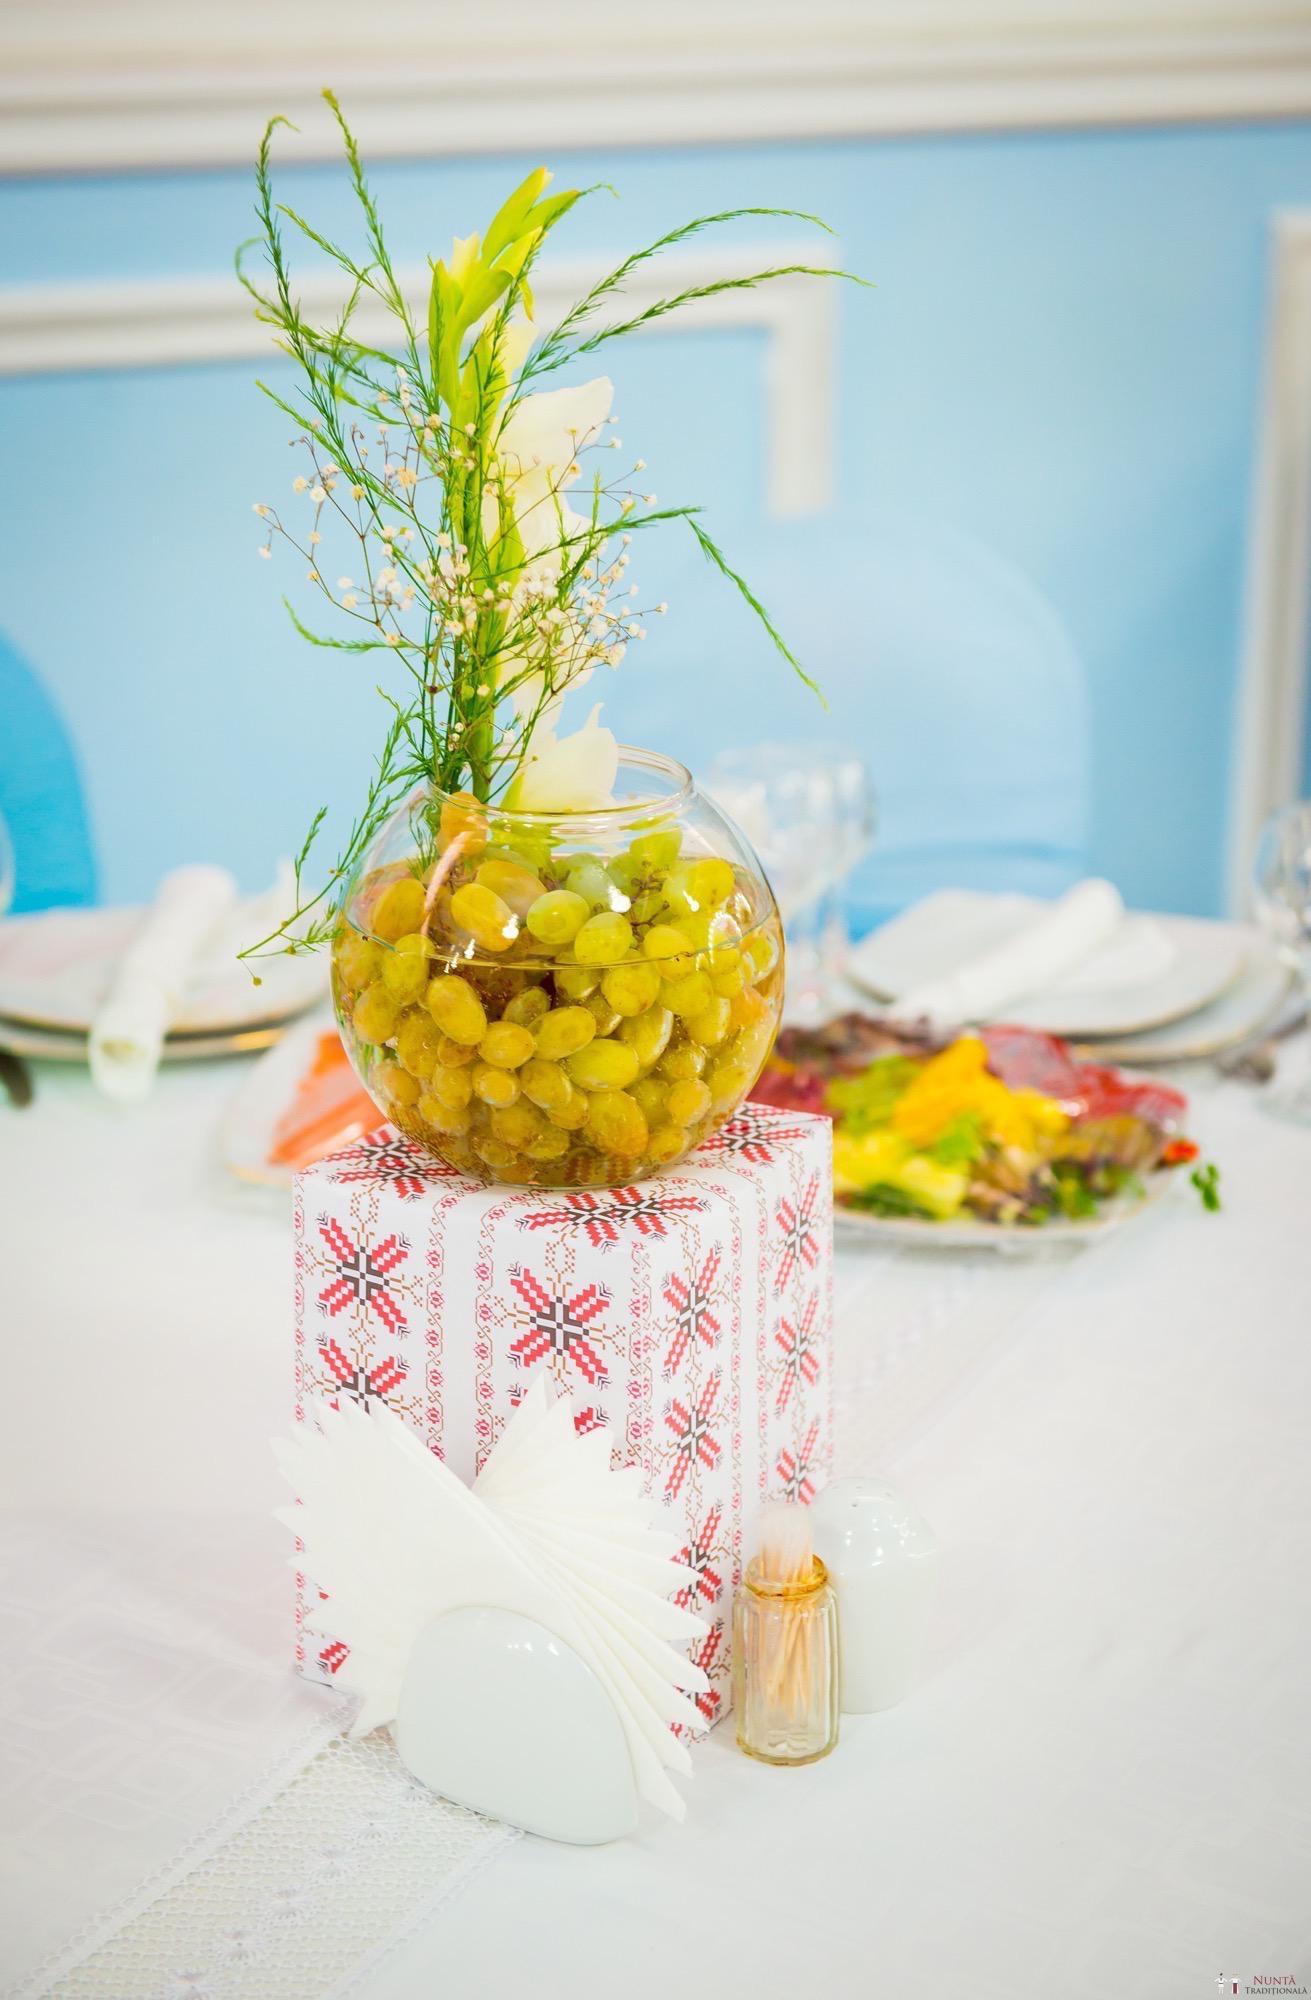 Idei și Sfaturi - Idei decorațiuni și aranjamente florale în stil tradițional 10